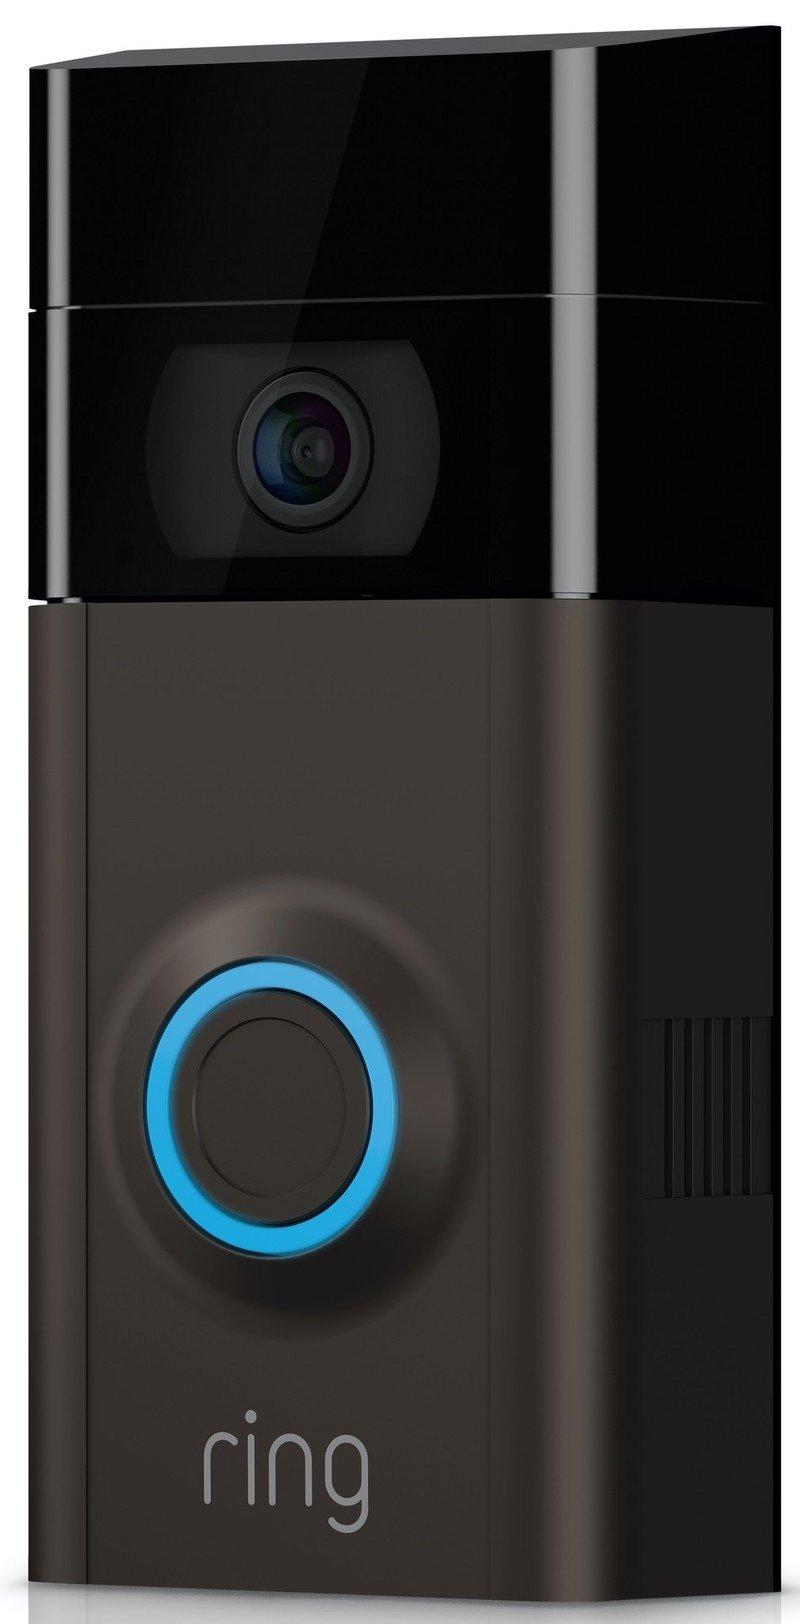 ring-video-doorbell-2-official-render.jp